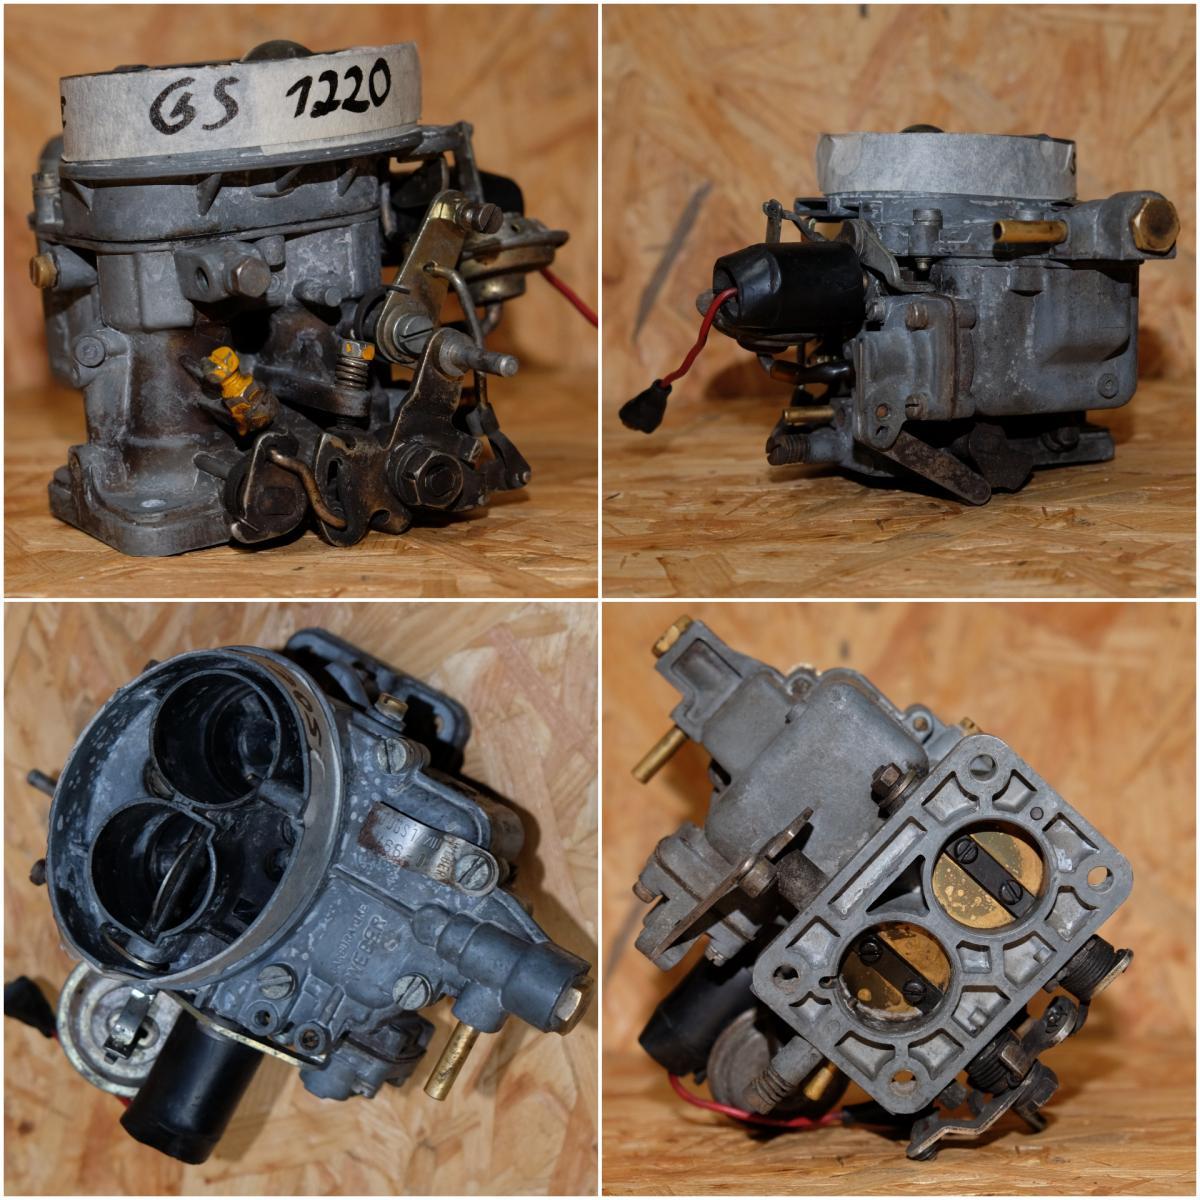 DSCF2981-2983-2985-2987.JPG